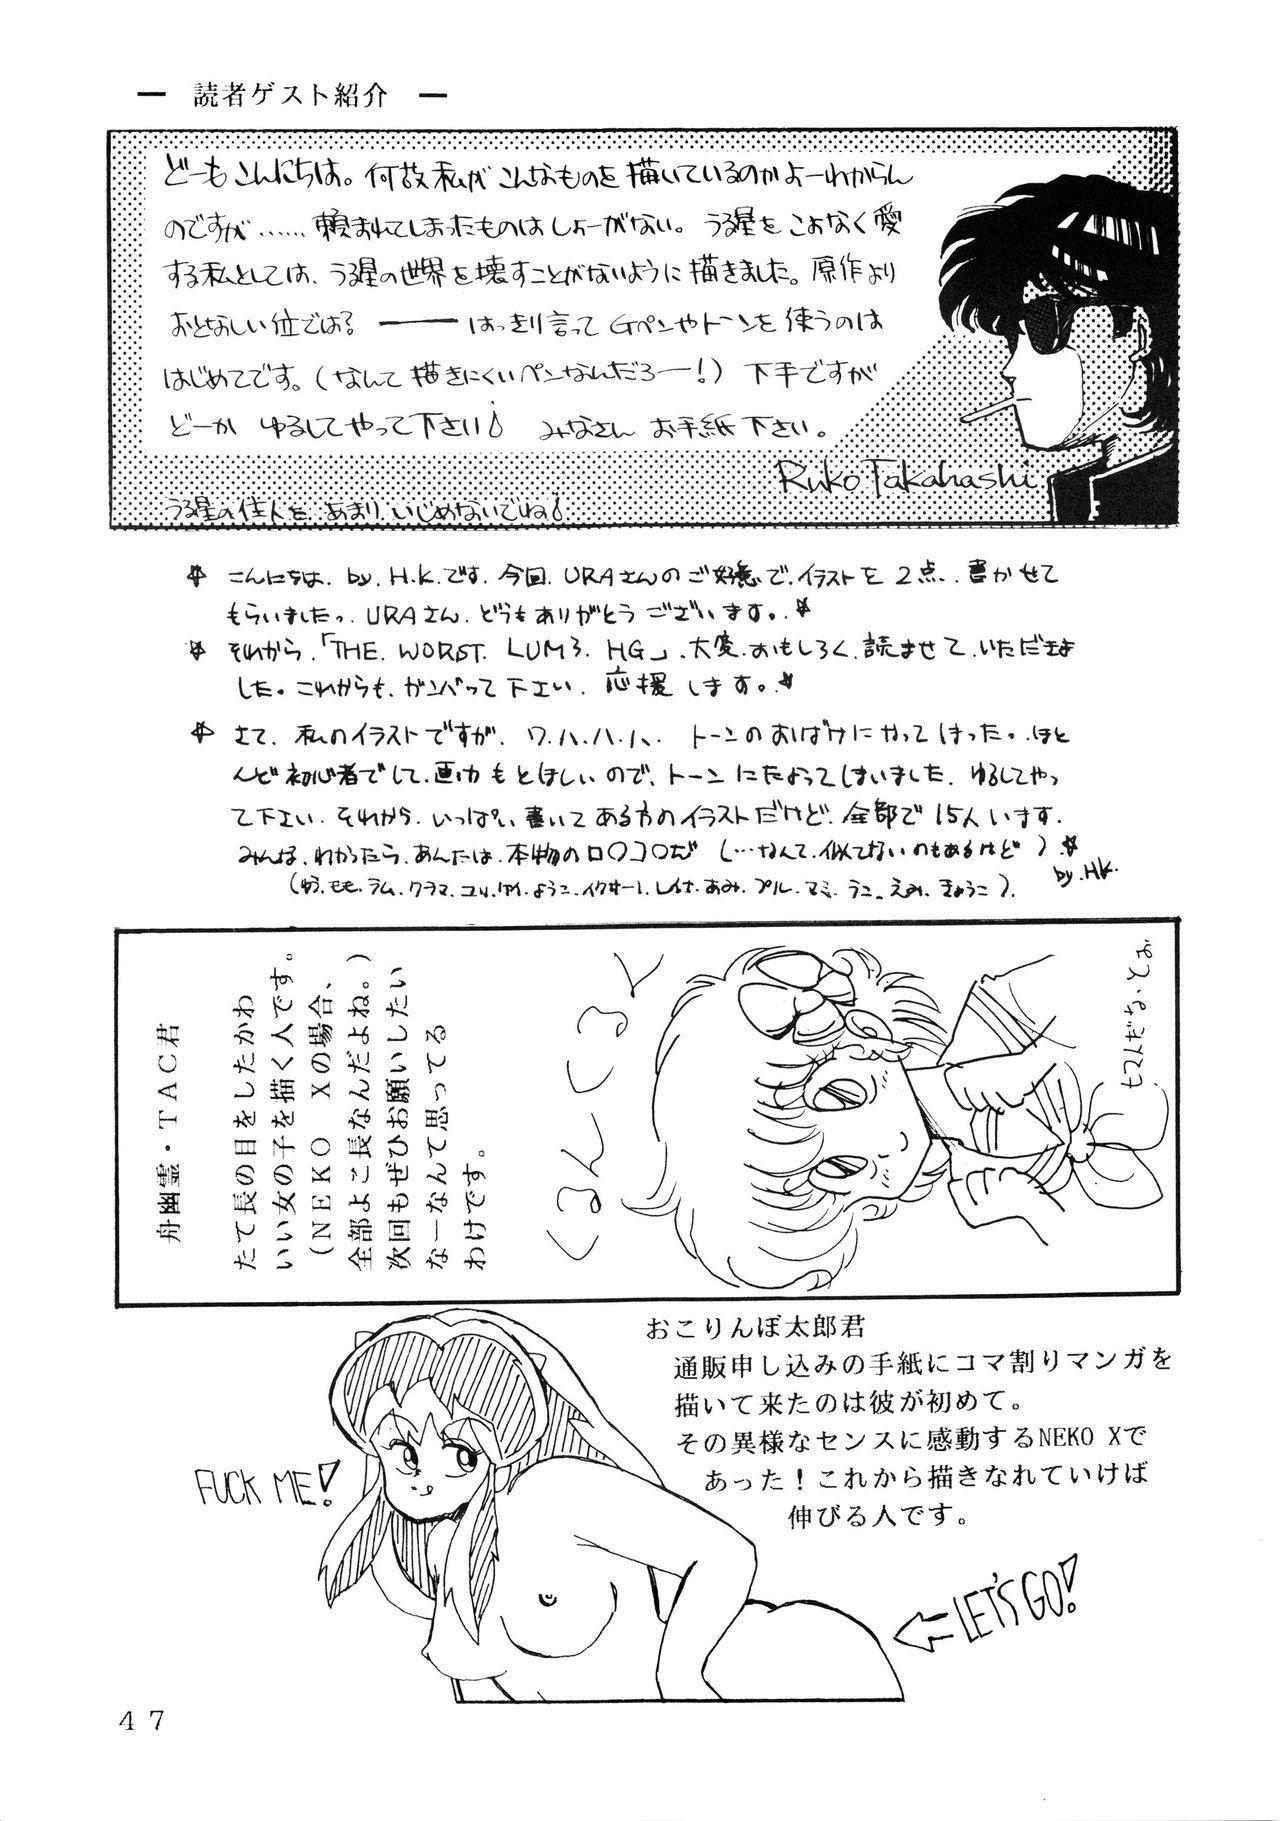 Shijou Saiaku no LUM 4 46